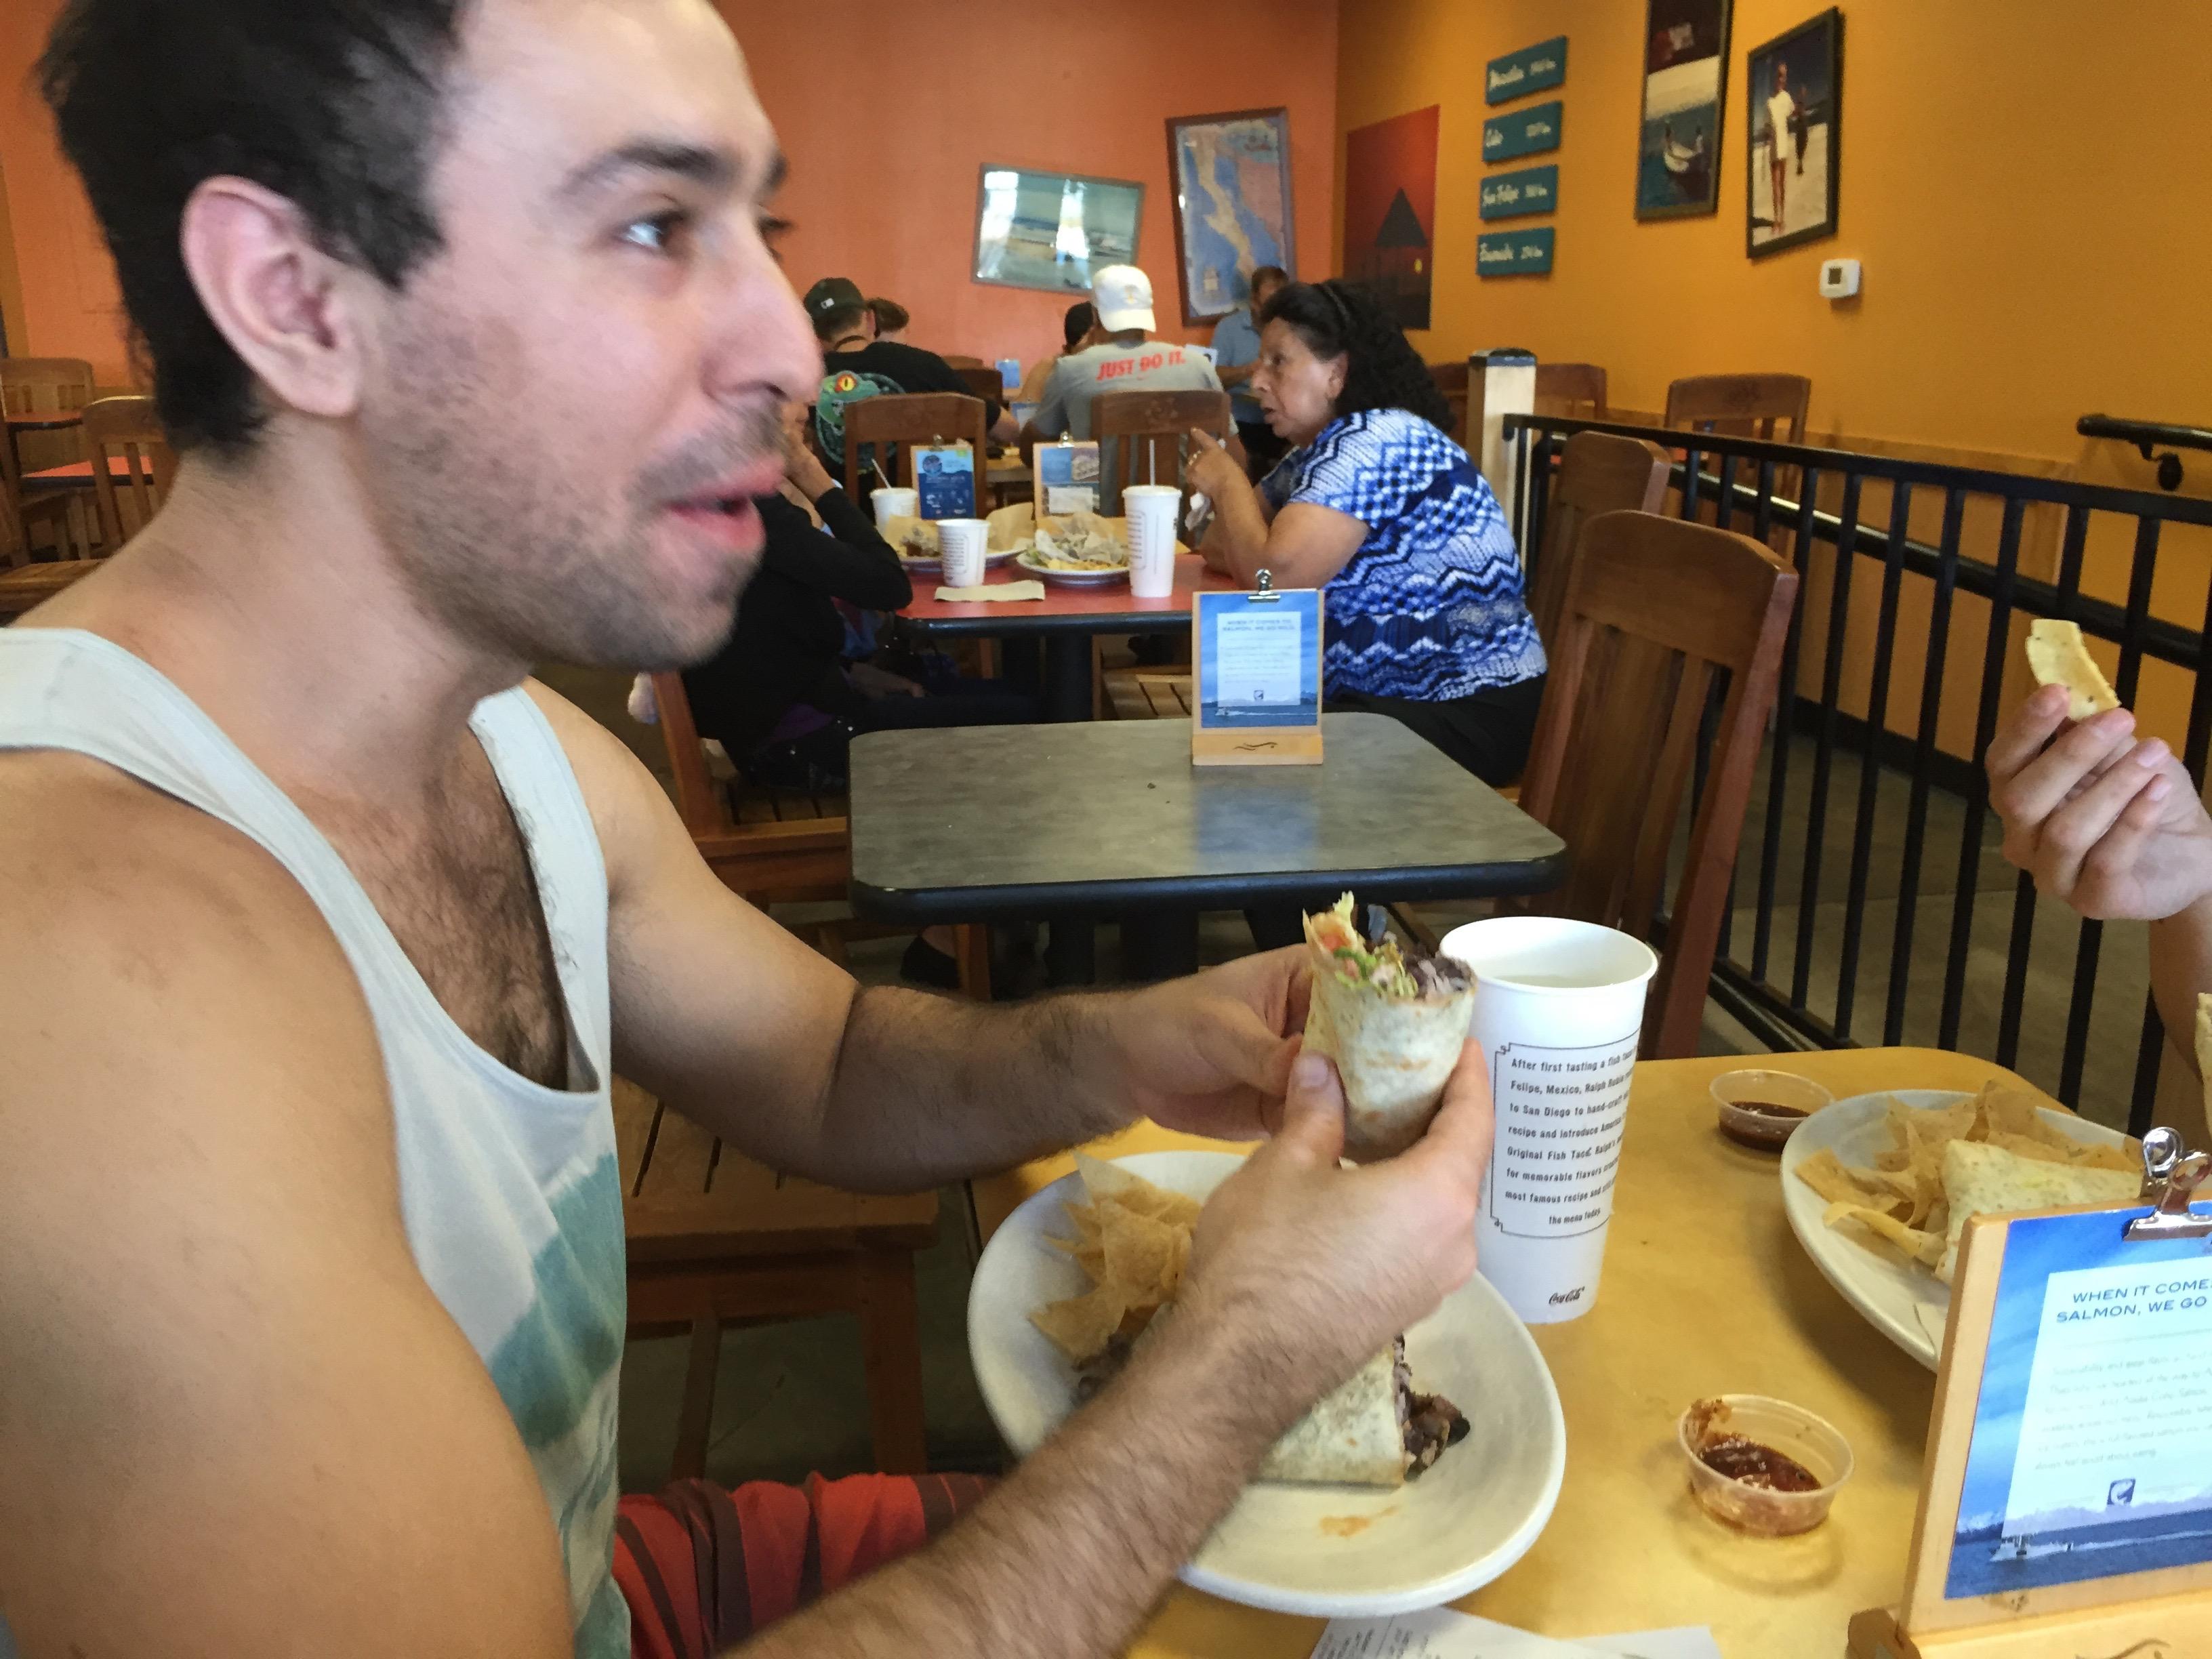 A Chilean eats a burrito at Rubios in San Diego.